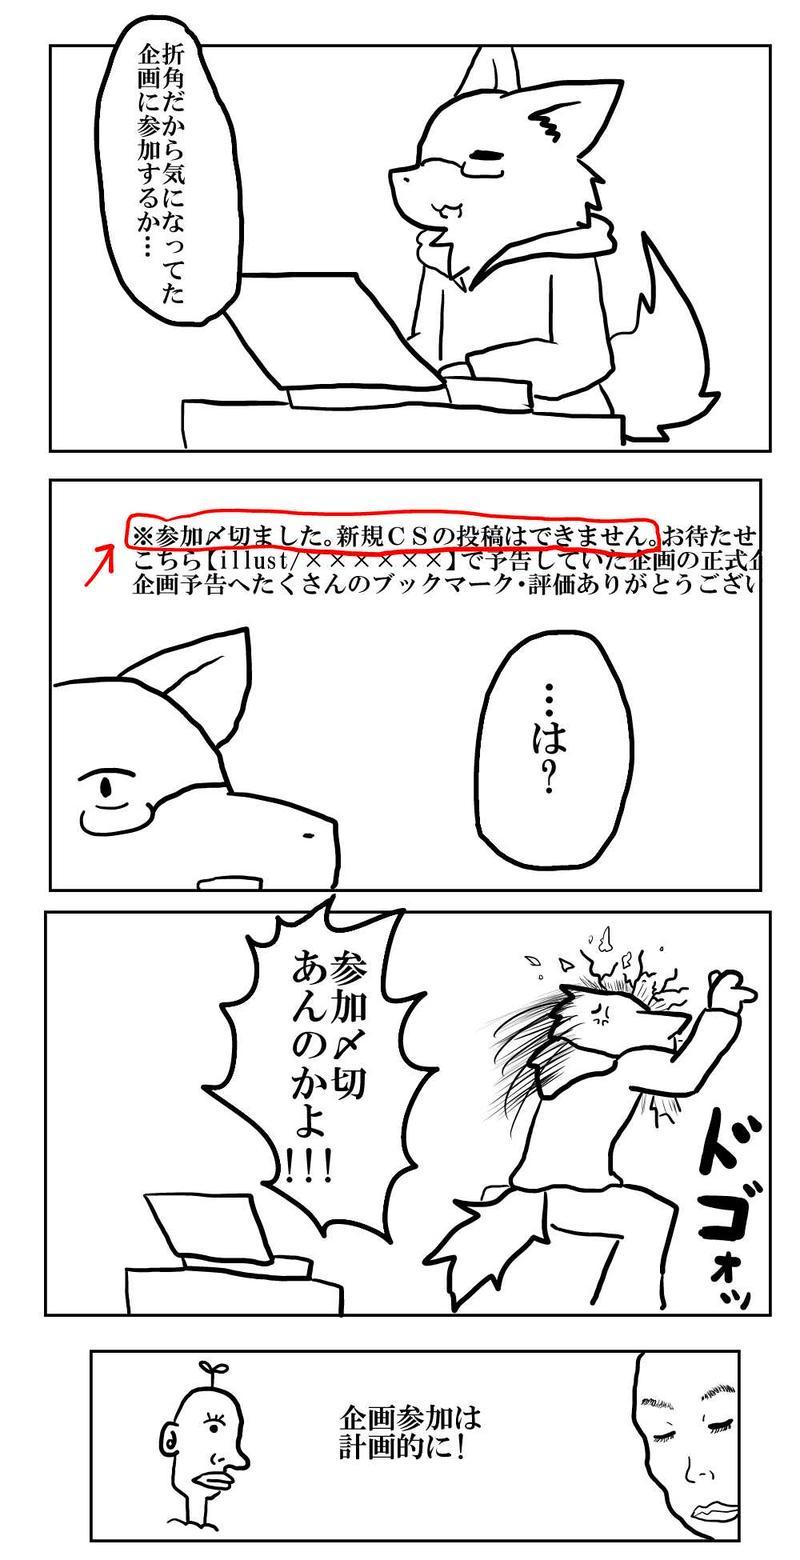 第10話 特別編 こぼれ話集